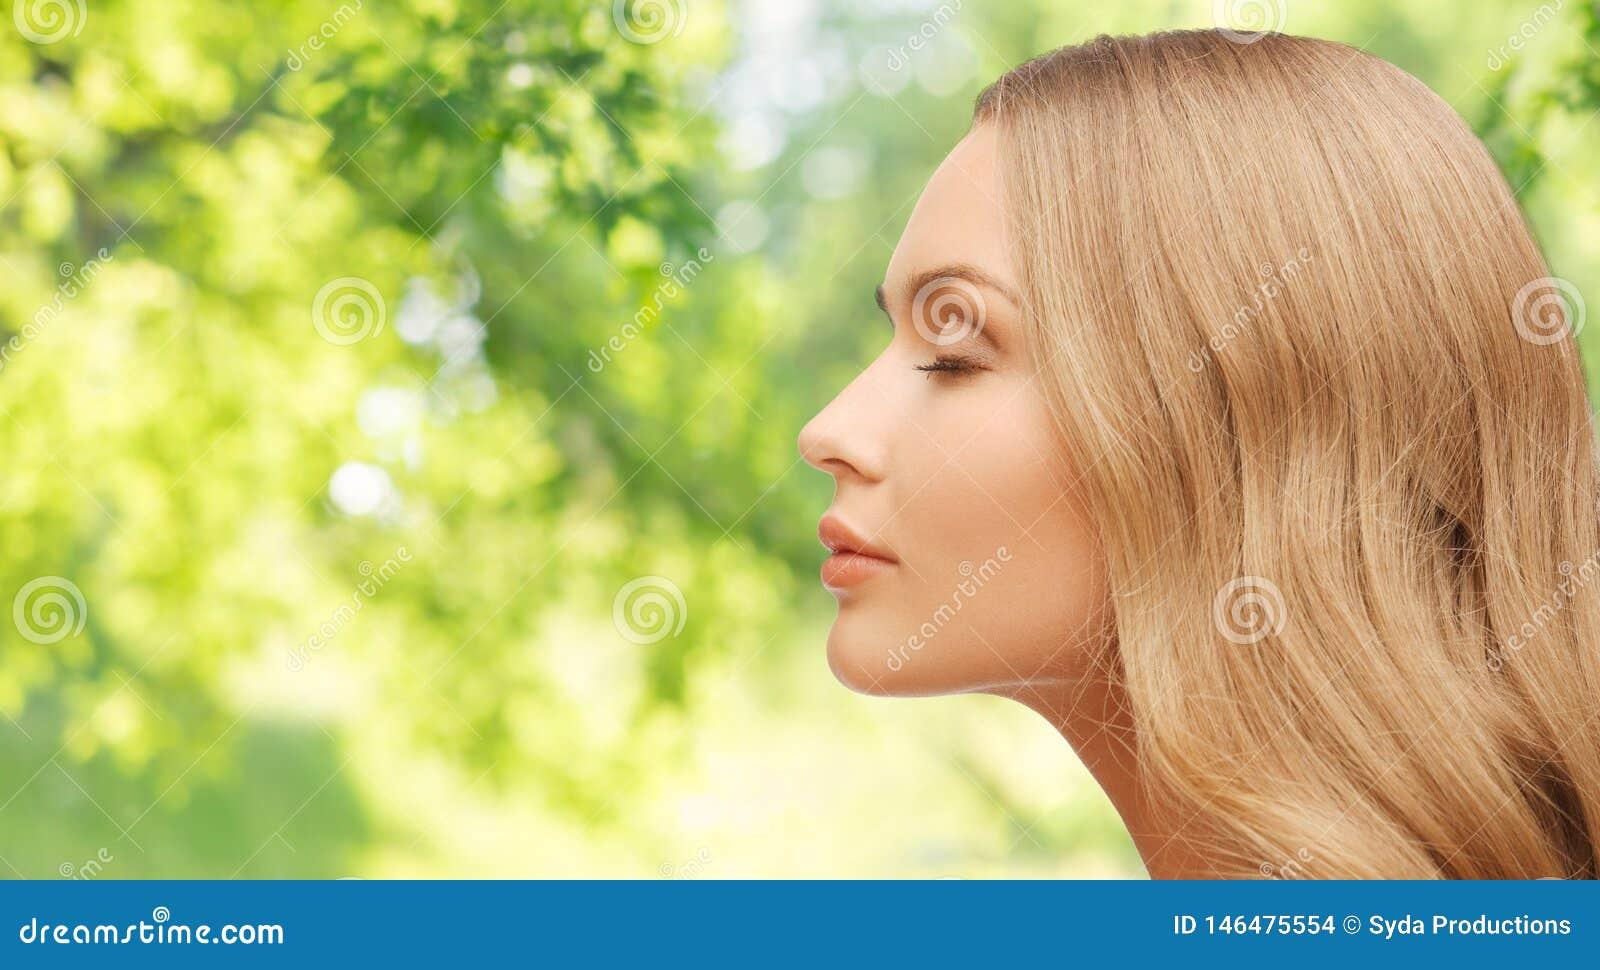 Cara hermosa de la mujer joven sobre fondo natural